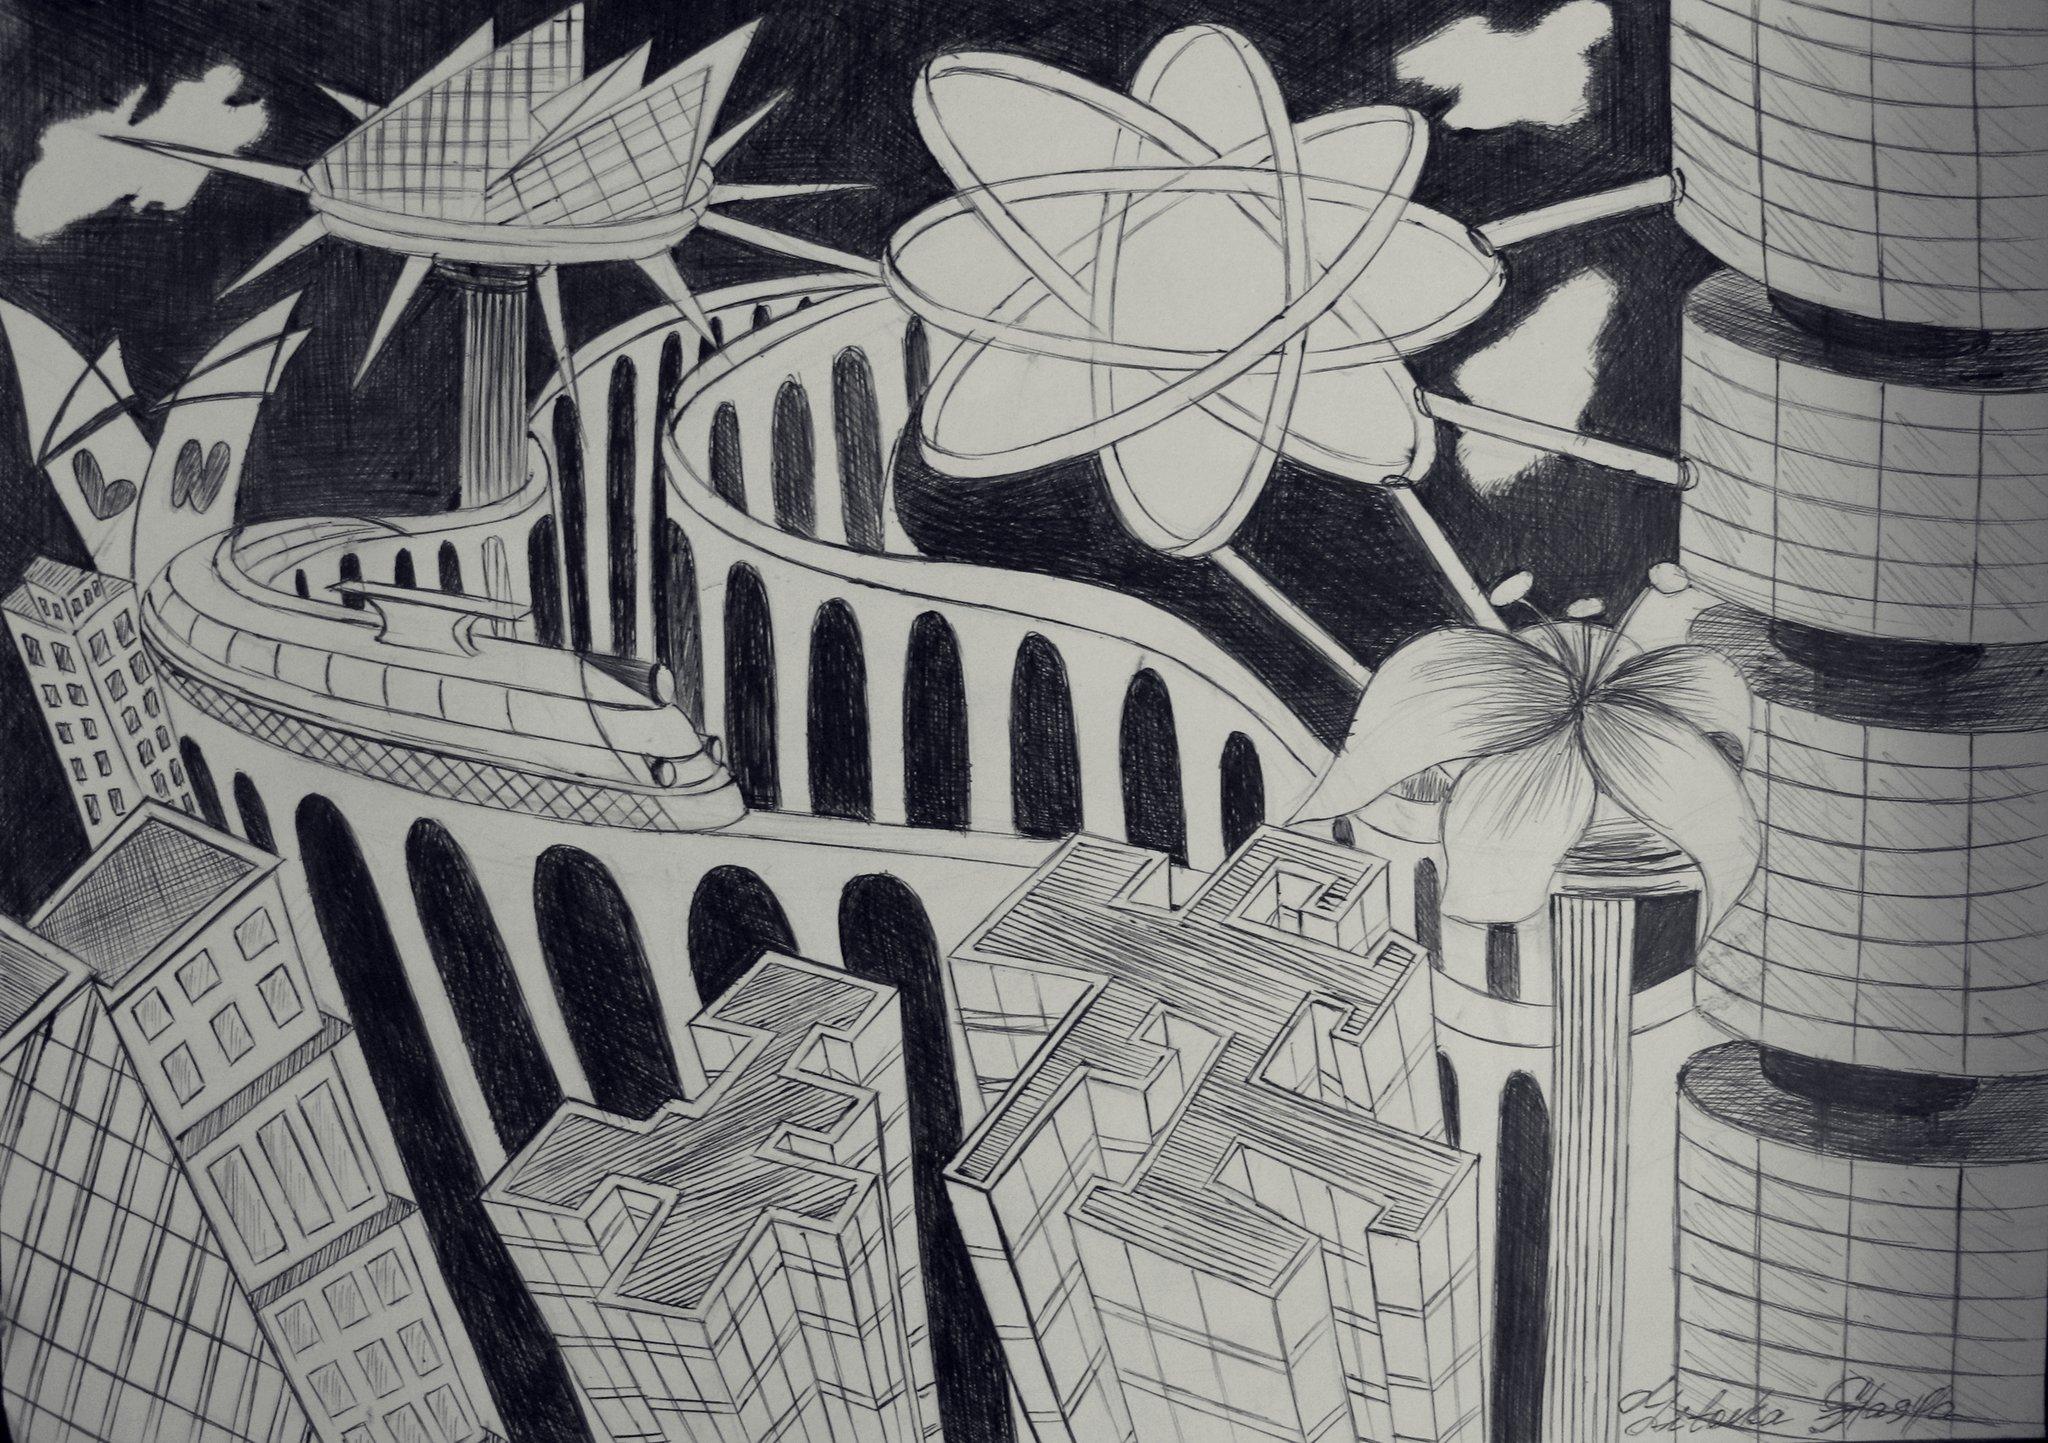 Год, картинки город будущего нарисованные карандашом